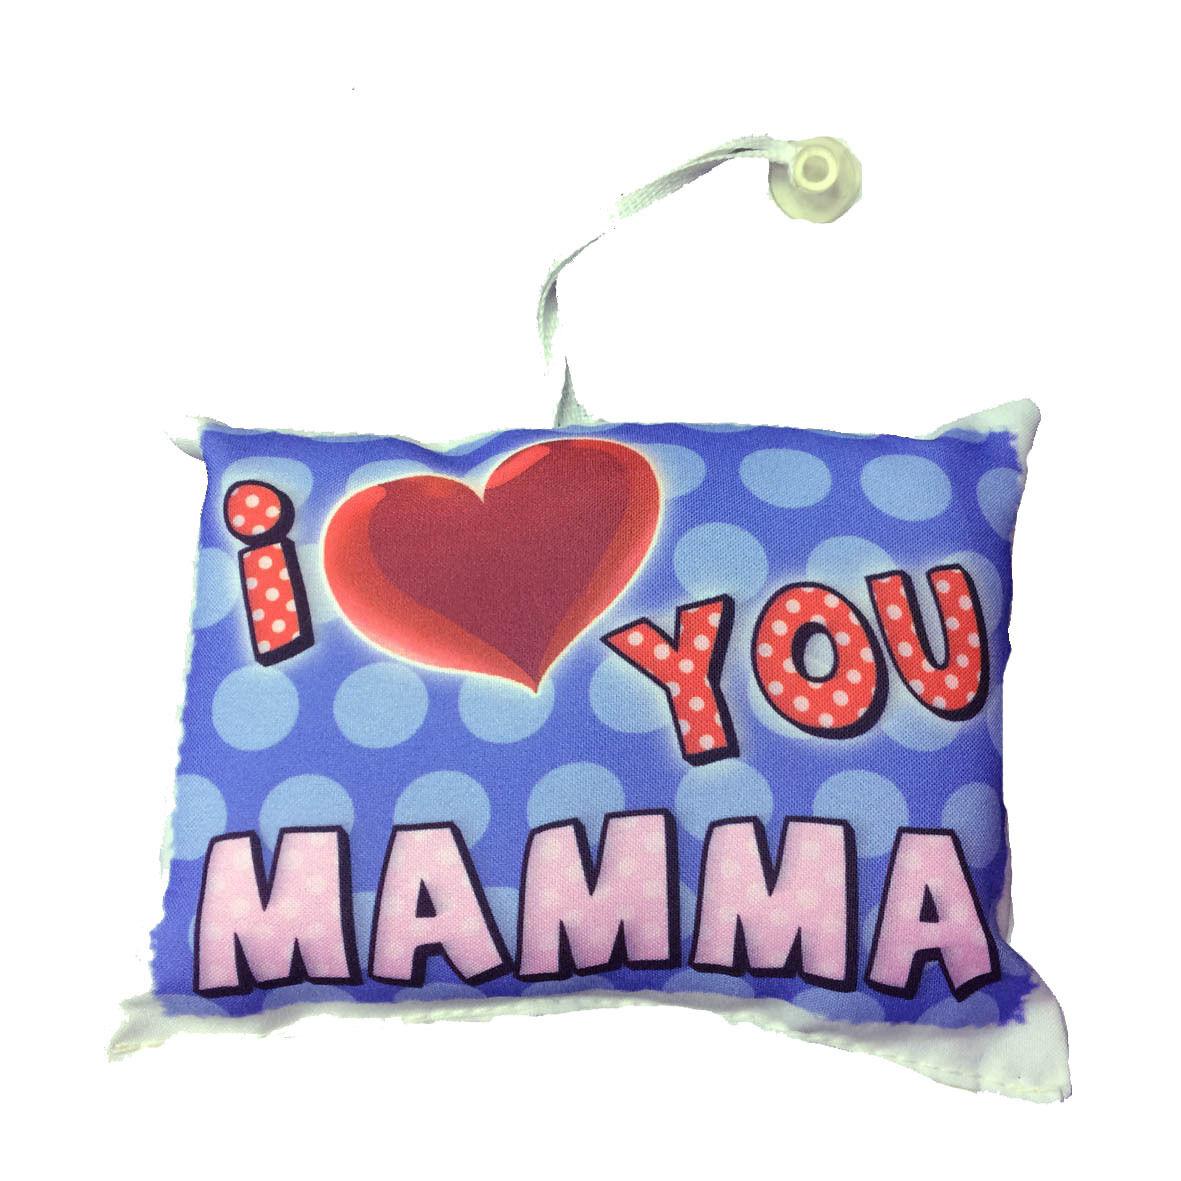 MAMMA mini cuscino auto con ventosa personalizzabile I LOVE YOU MAMMA 16,5x12,5